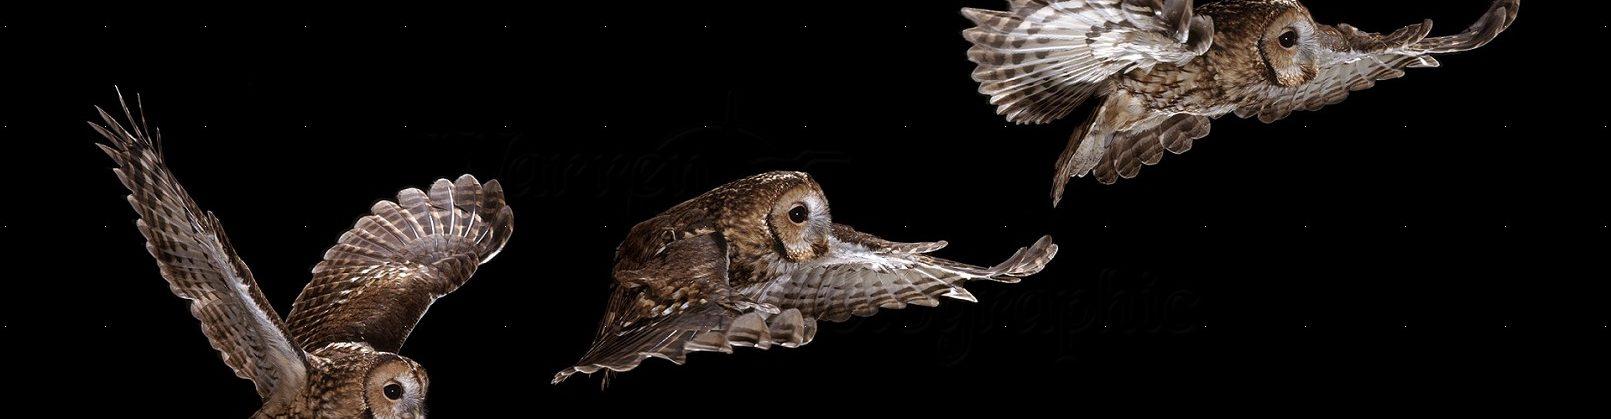 Tawny Owl Class